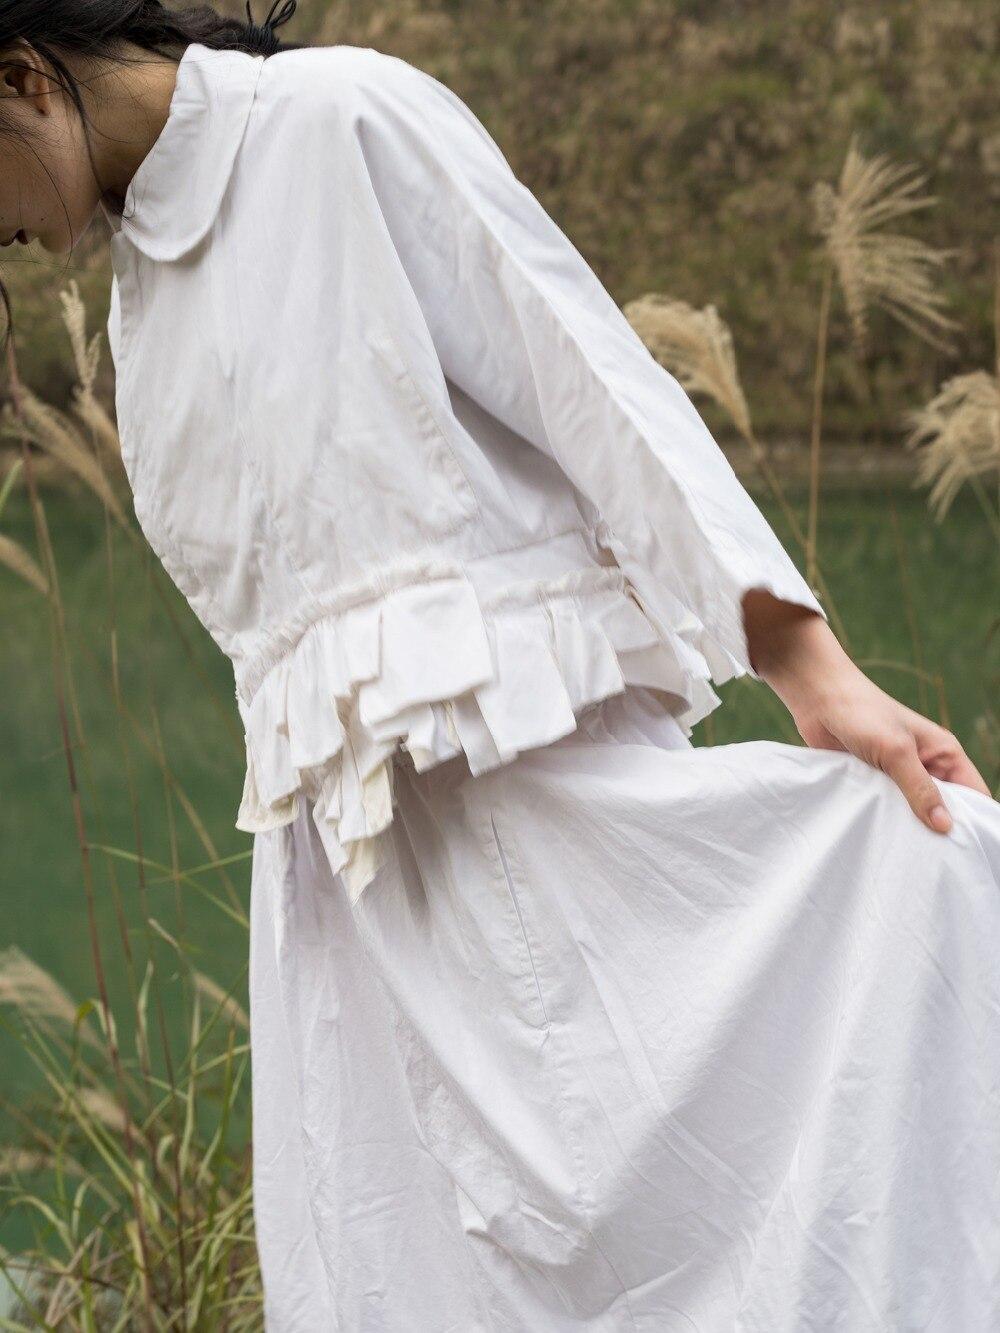 Veste Et 2019 'tops Poupée Col Rétro Nouveau Dames Manches Japonais Esthétique Blanc Courte Unique À Sept D'été Printemps Cakucool EZvdwCqq